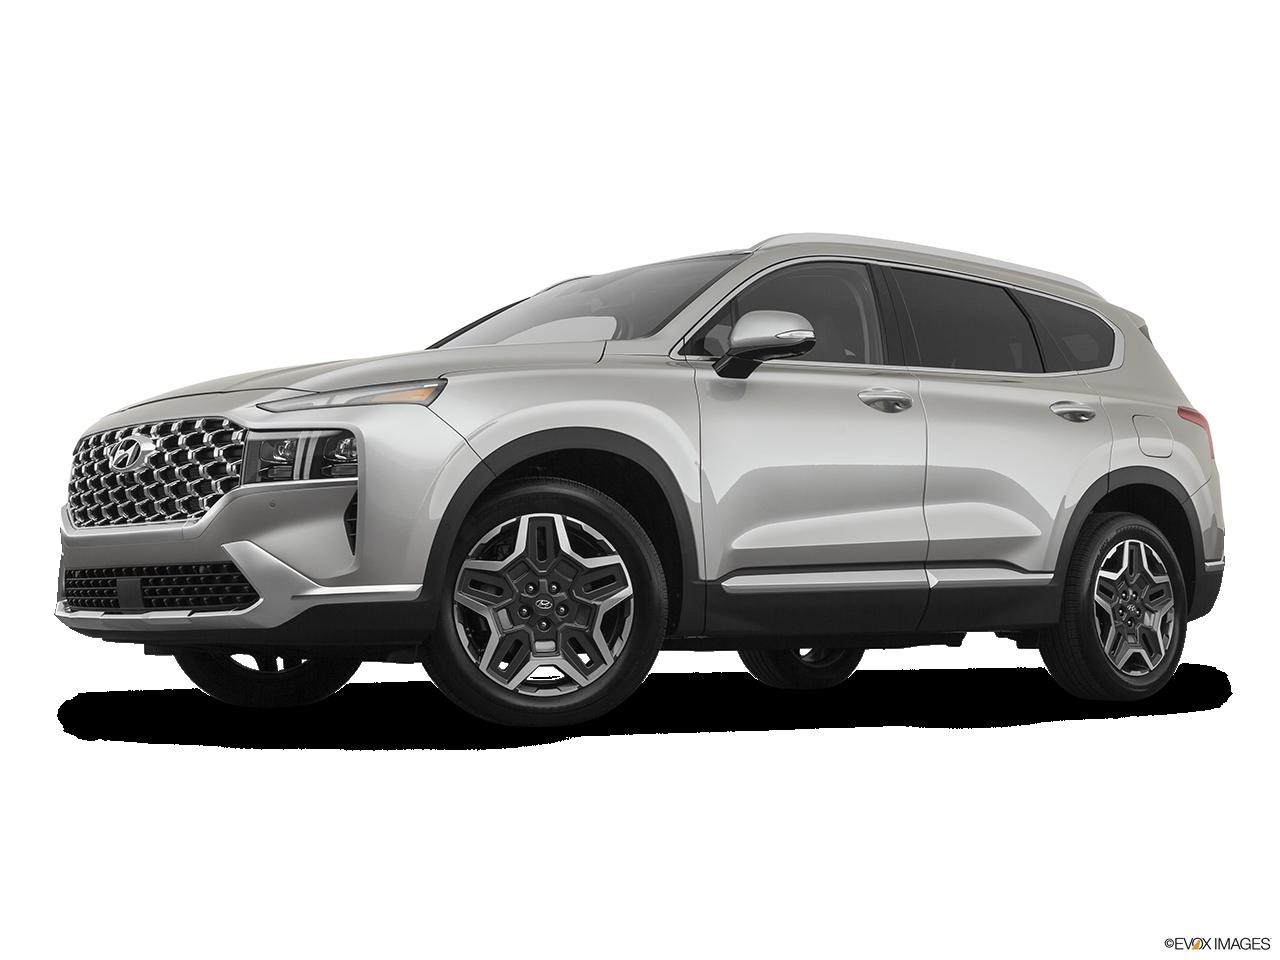 2021 Hyundai Santa Fe Hybrid photo